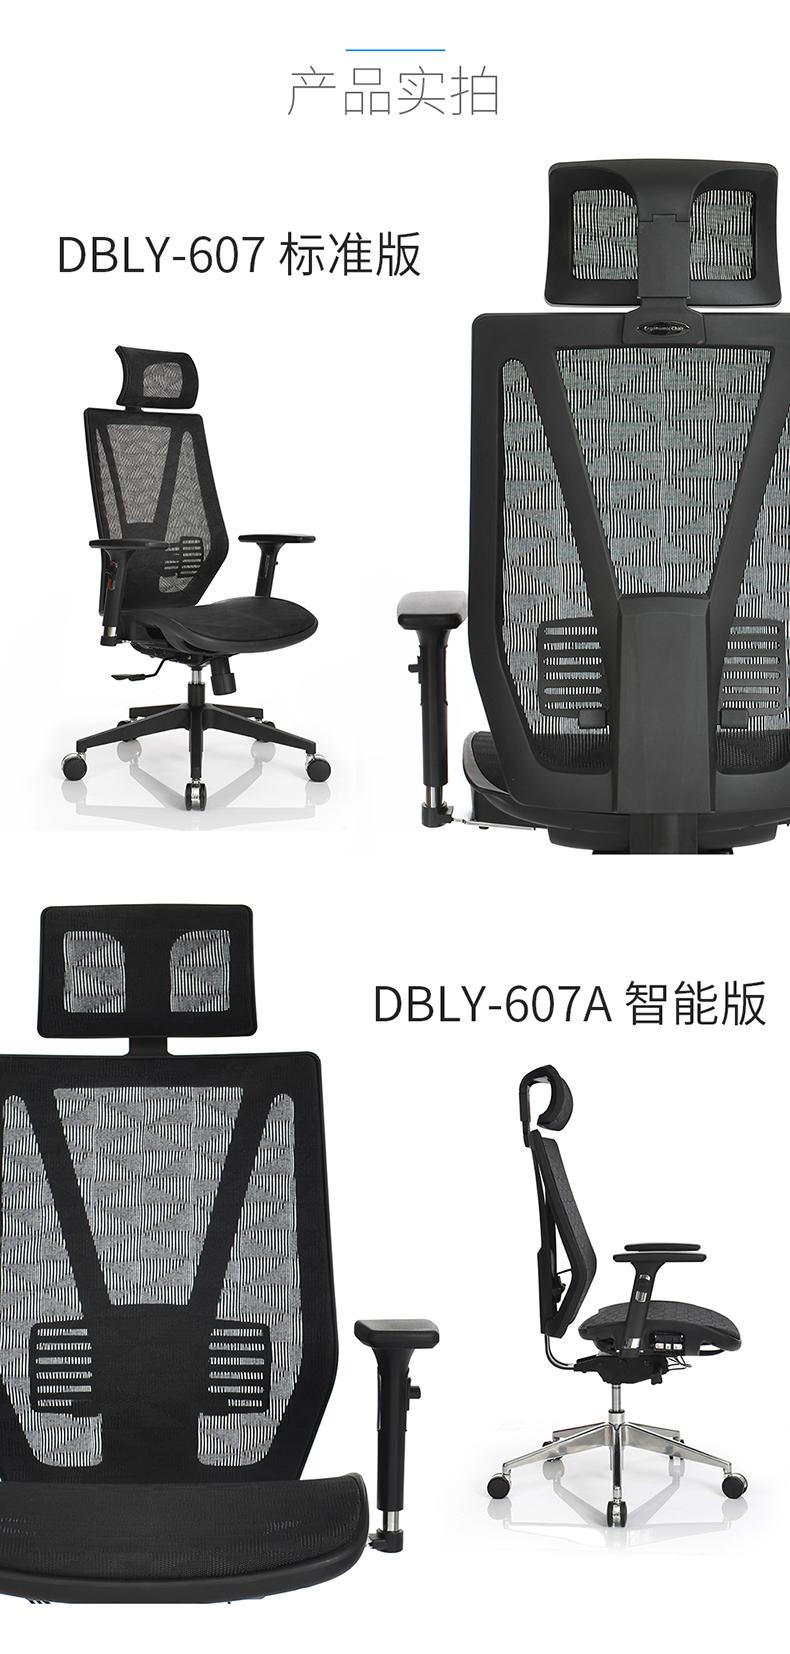 达宝利DB607人体工程学椅质量非常不错,死重死重的么和普通的椅子区别好大n坐着非常舒服